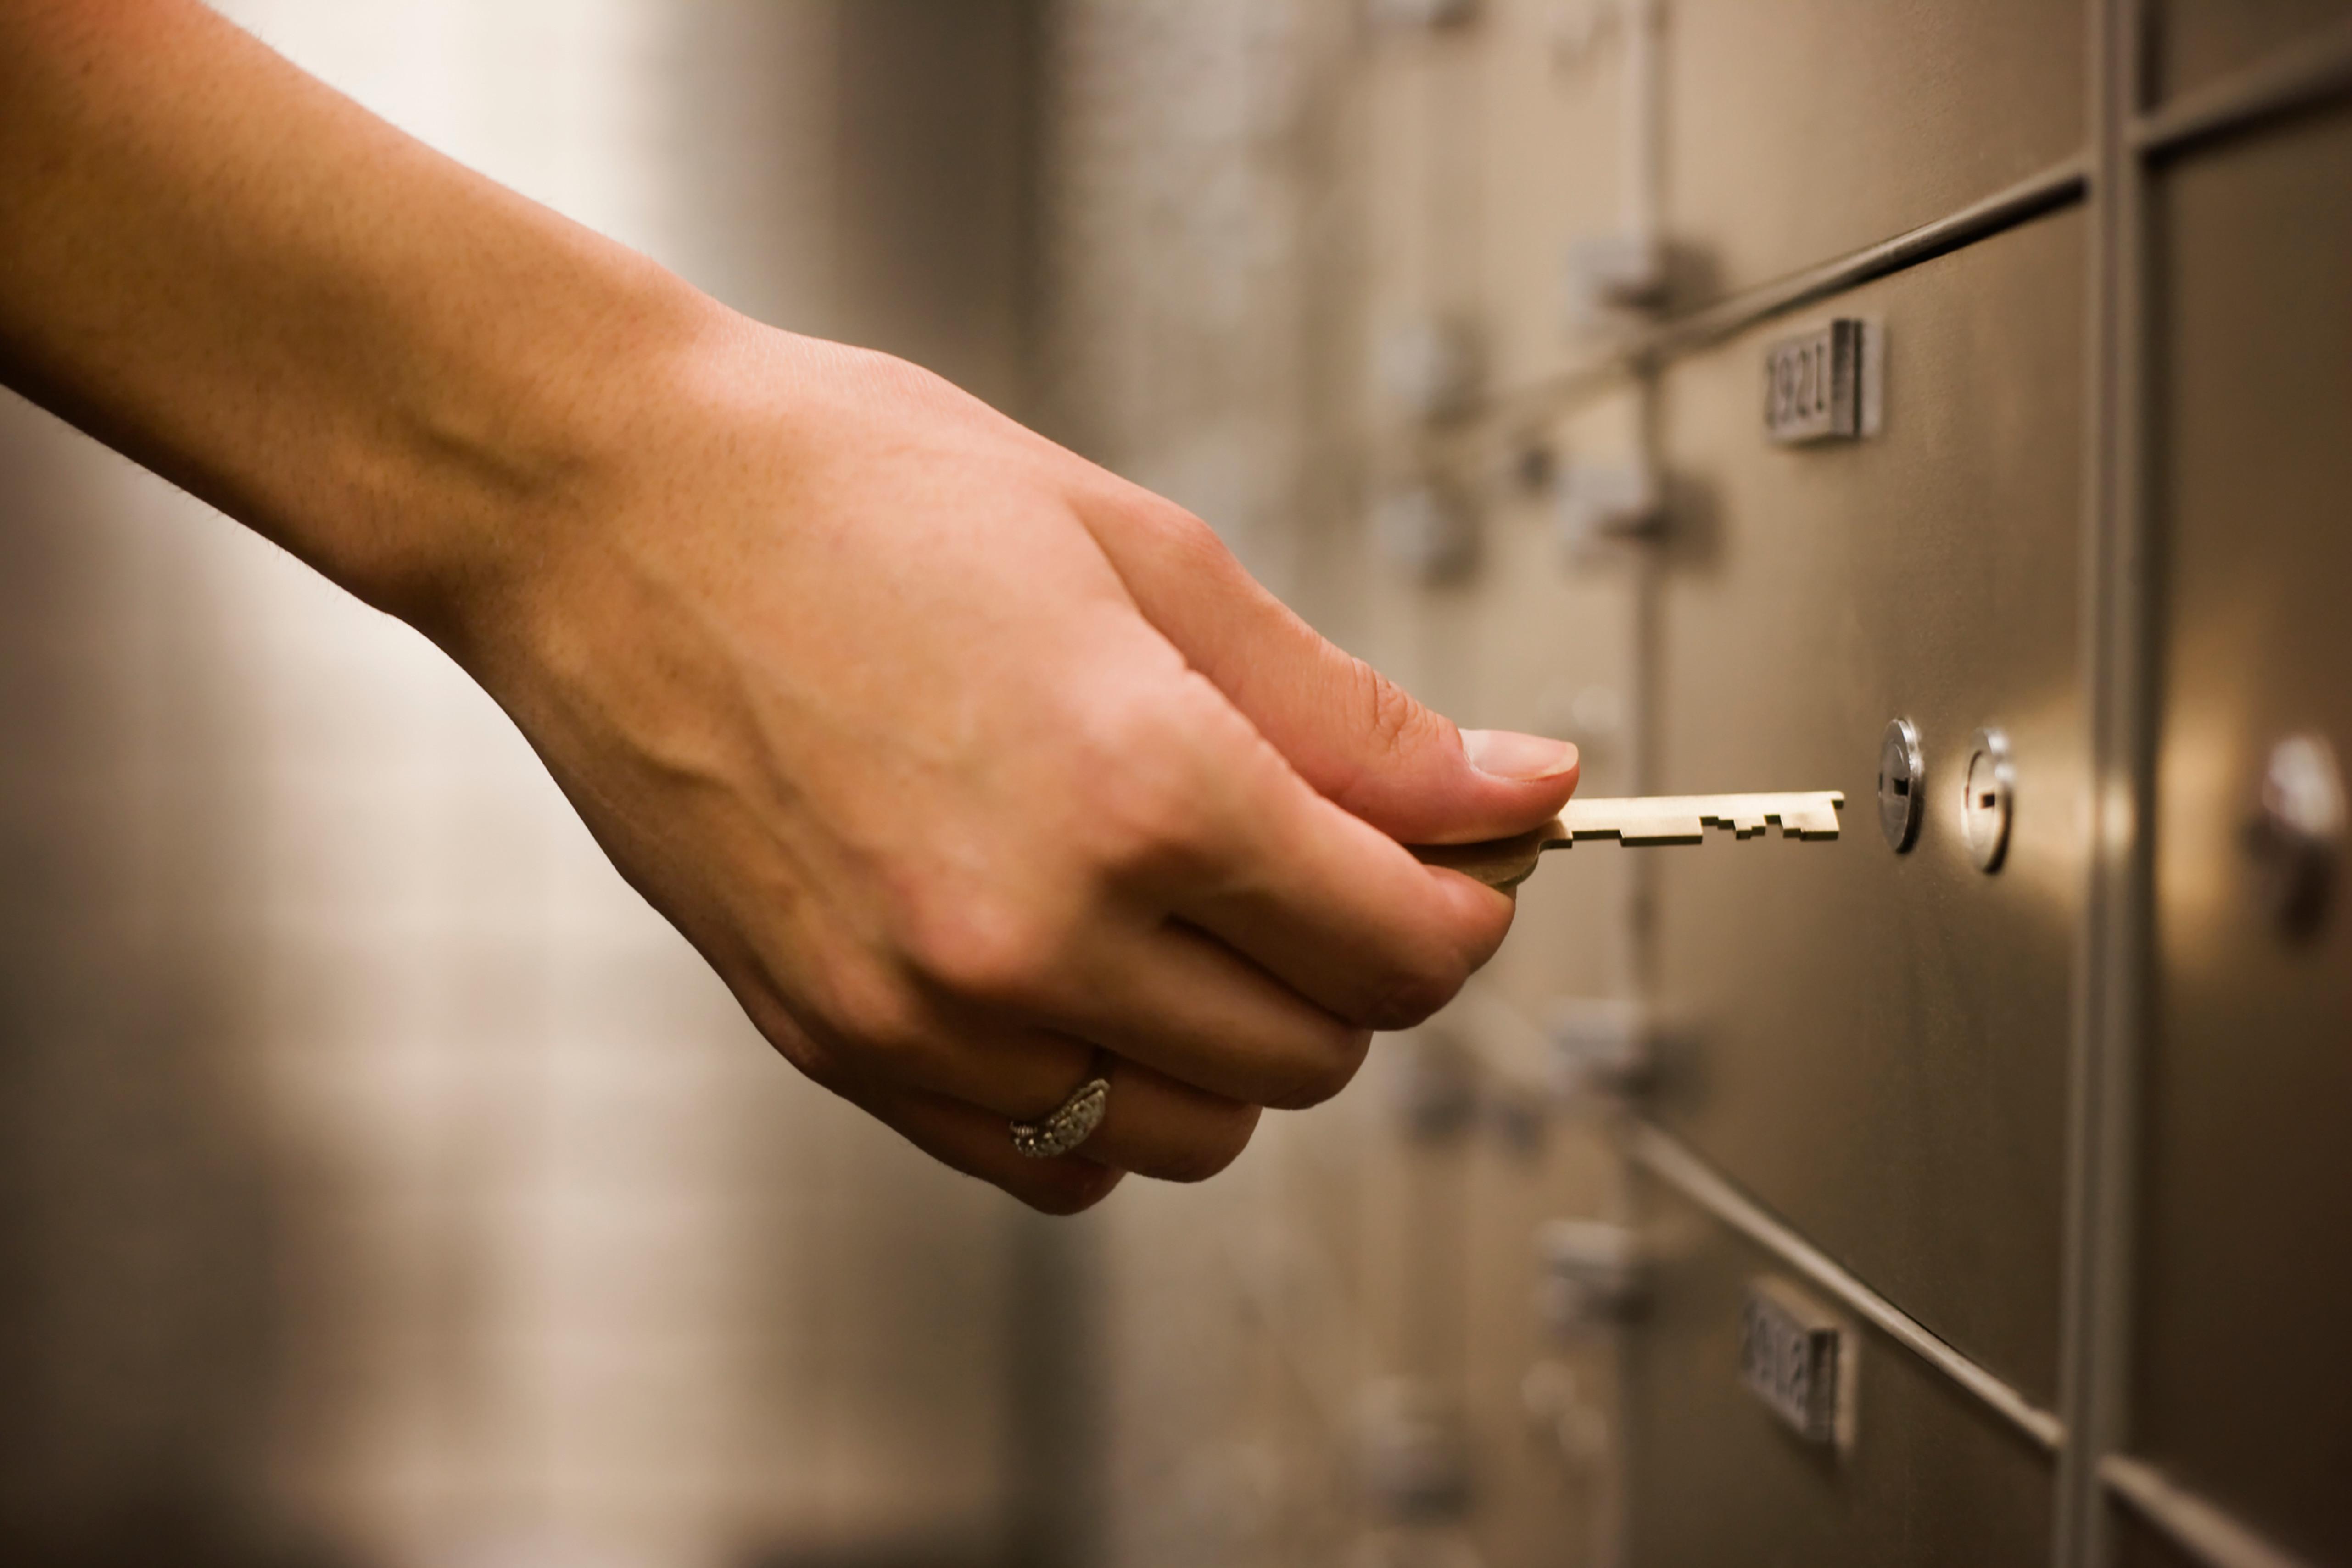 ייעוץ חינם משיכת קרנות פנסיה ללא קנסות